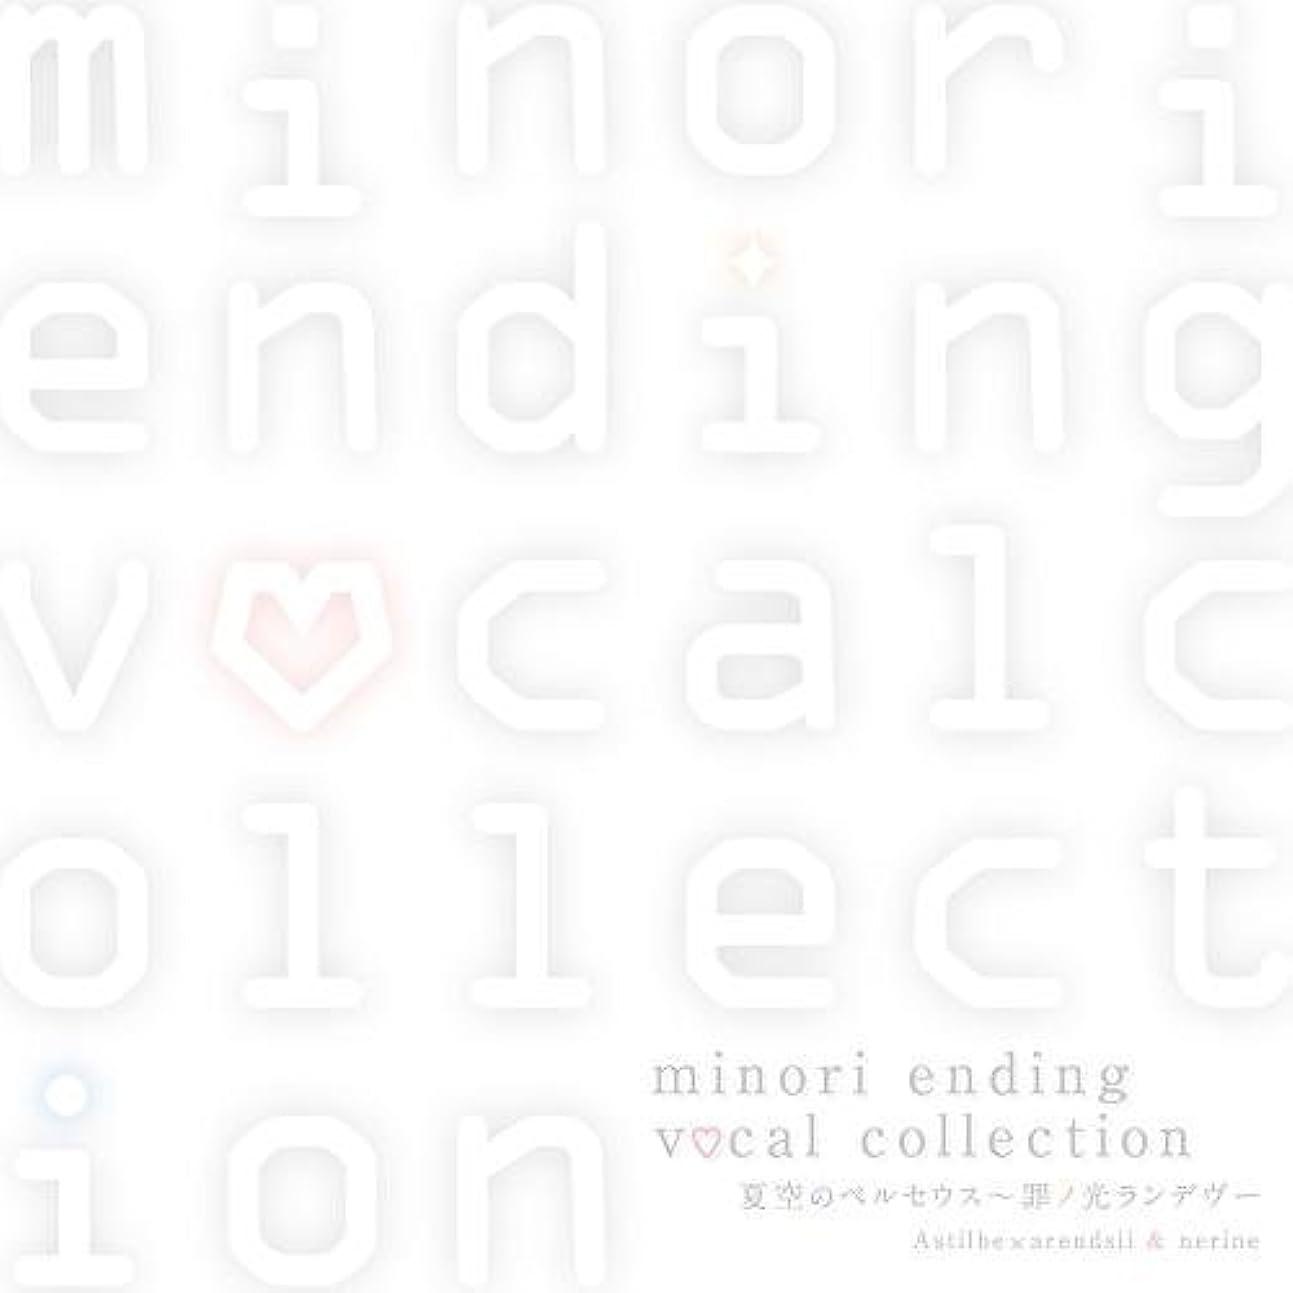 証書私たちのもの日常的に「minori ending vocal collection 夏空のペルセウス~罪ノ光ランデヴー」 / Astilbe x Arendsii & nerine